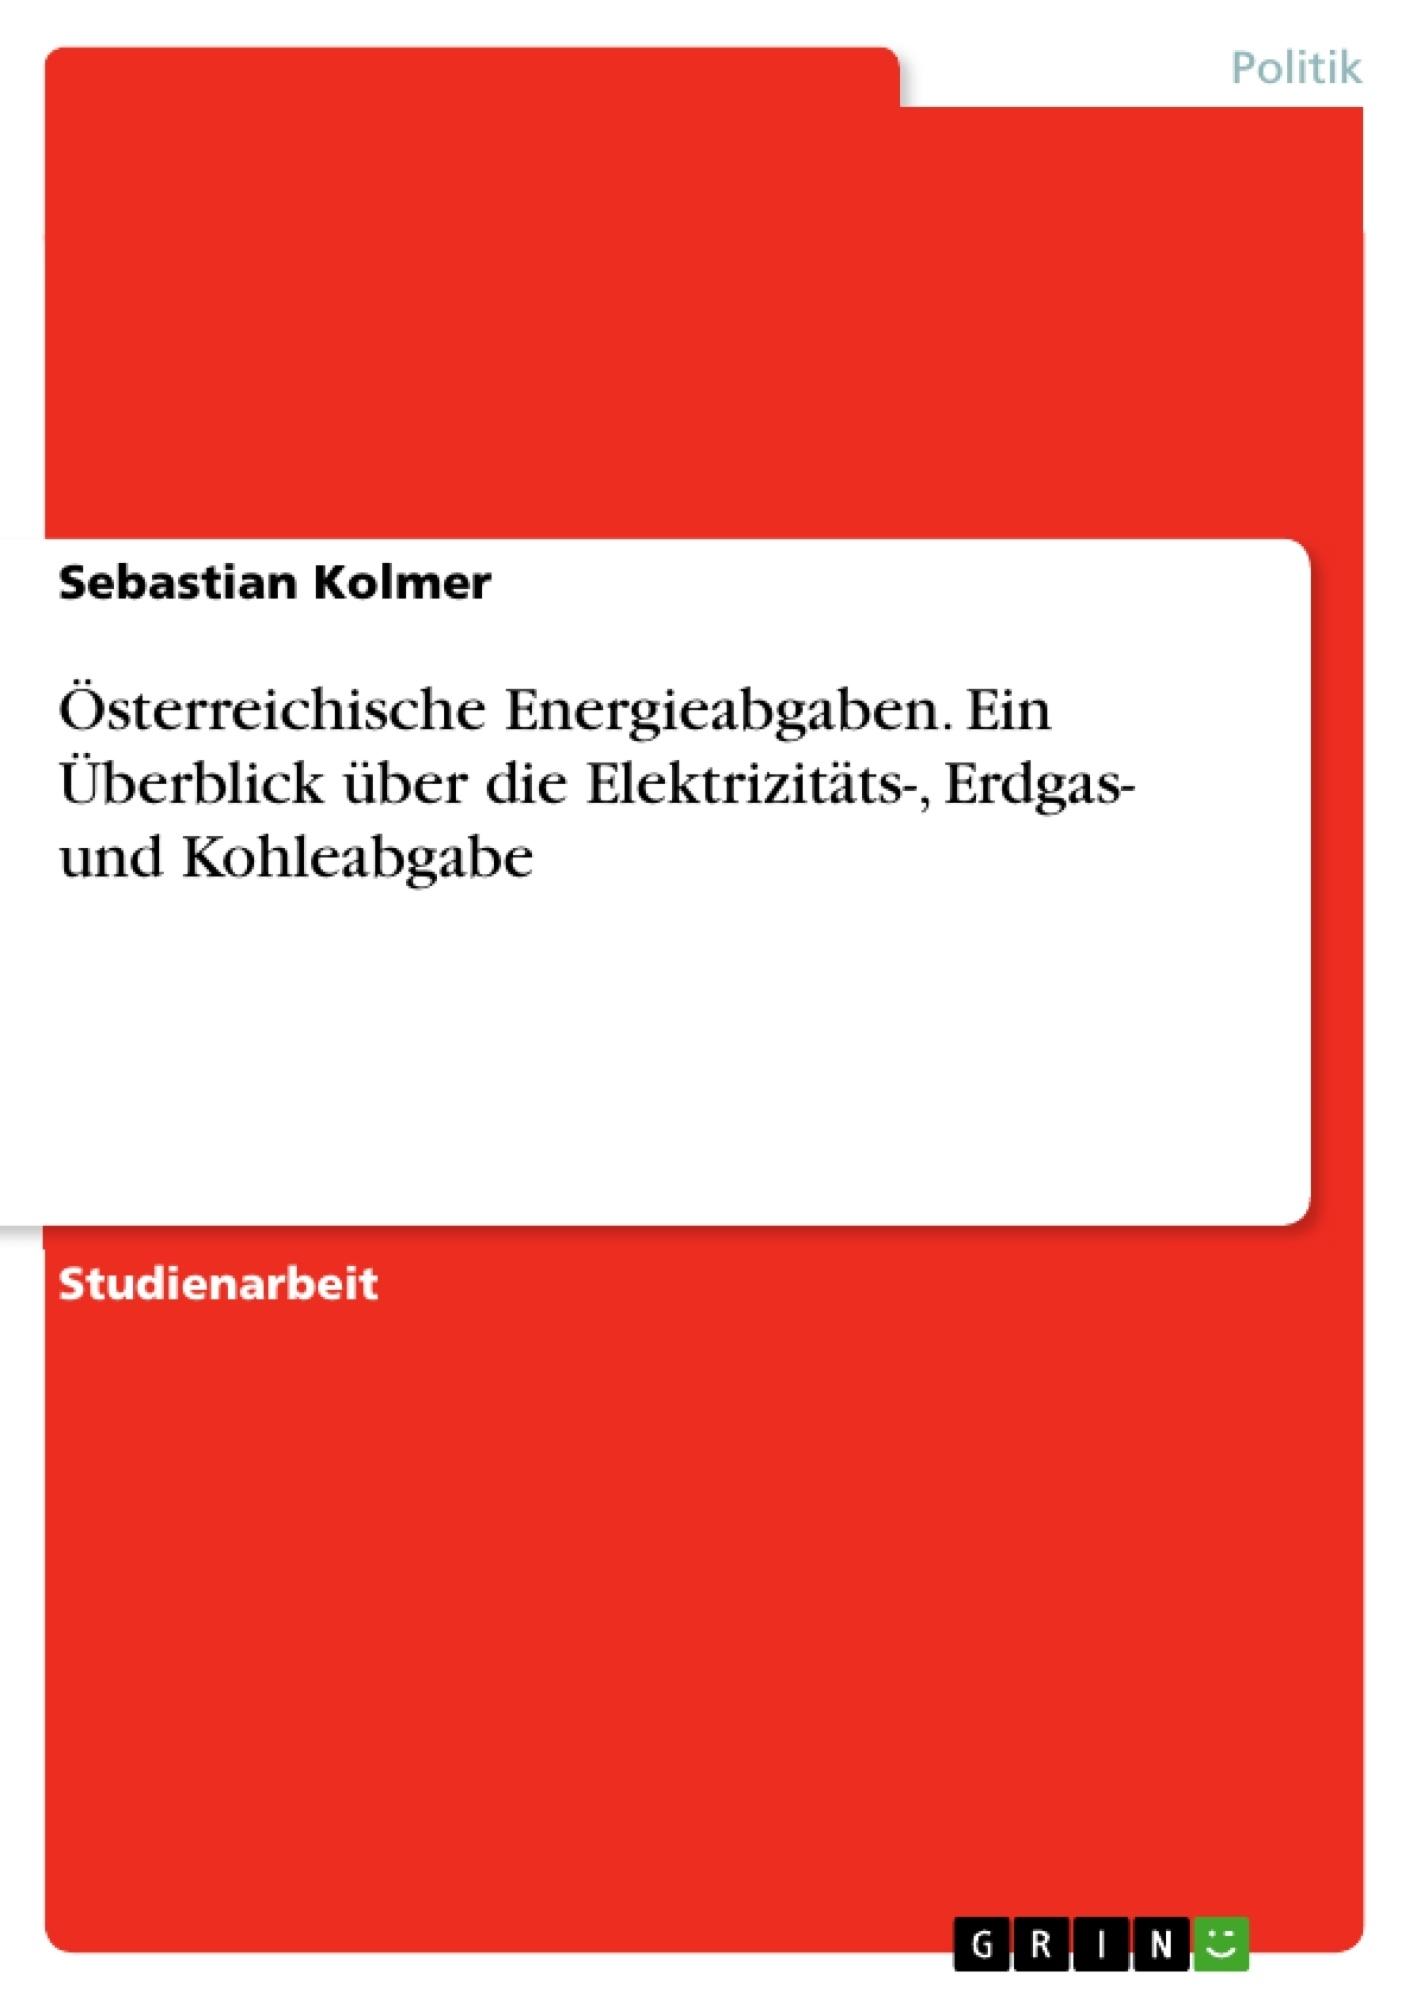 Titel: Österreichische Energieabgaben. Ein Überblick über die Elektrizitäts-, Erdgas- und Kohleabgabe